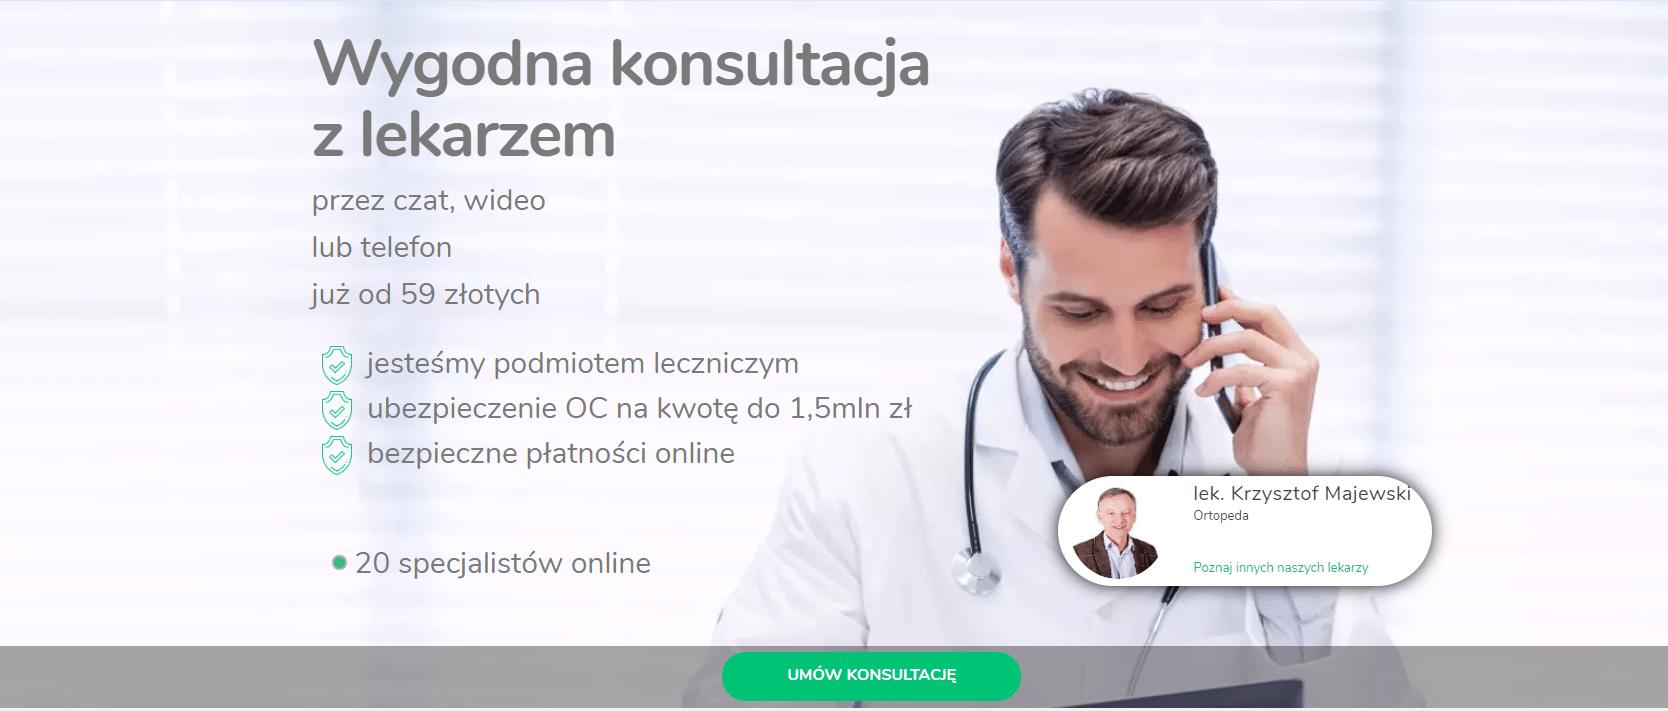 wprowadź konsultację online z lekarzem